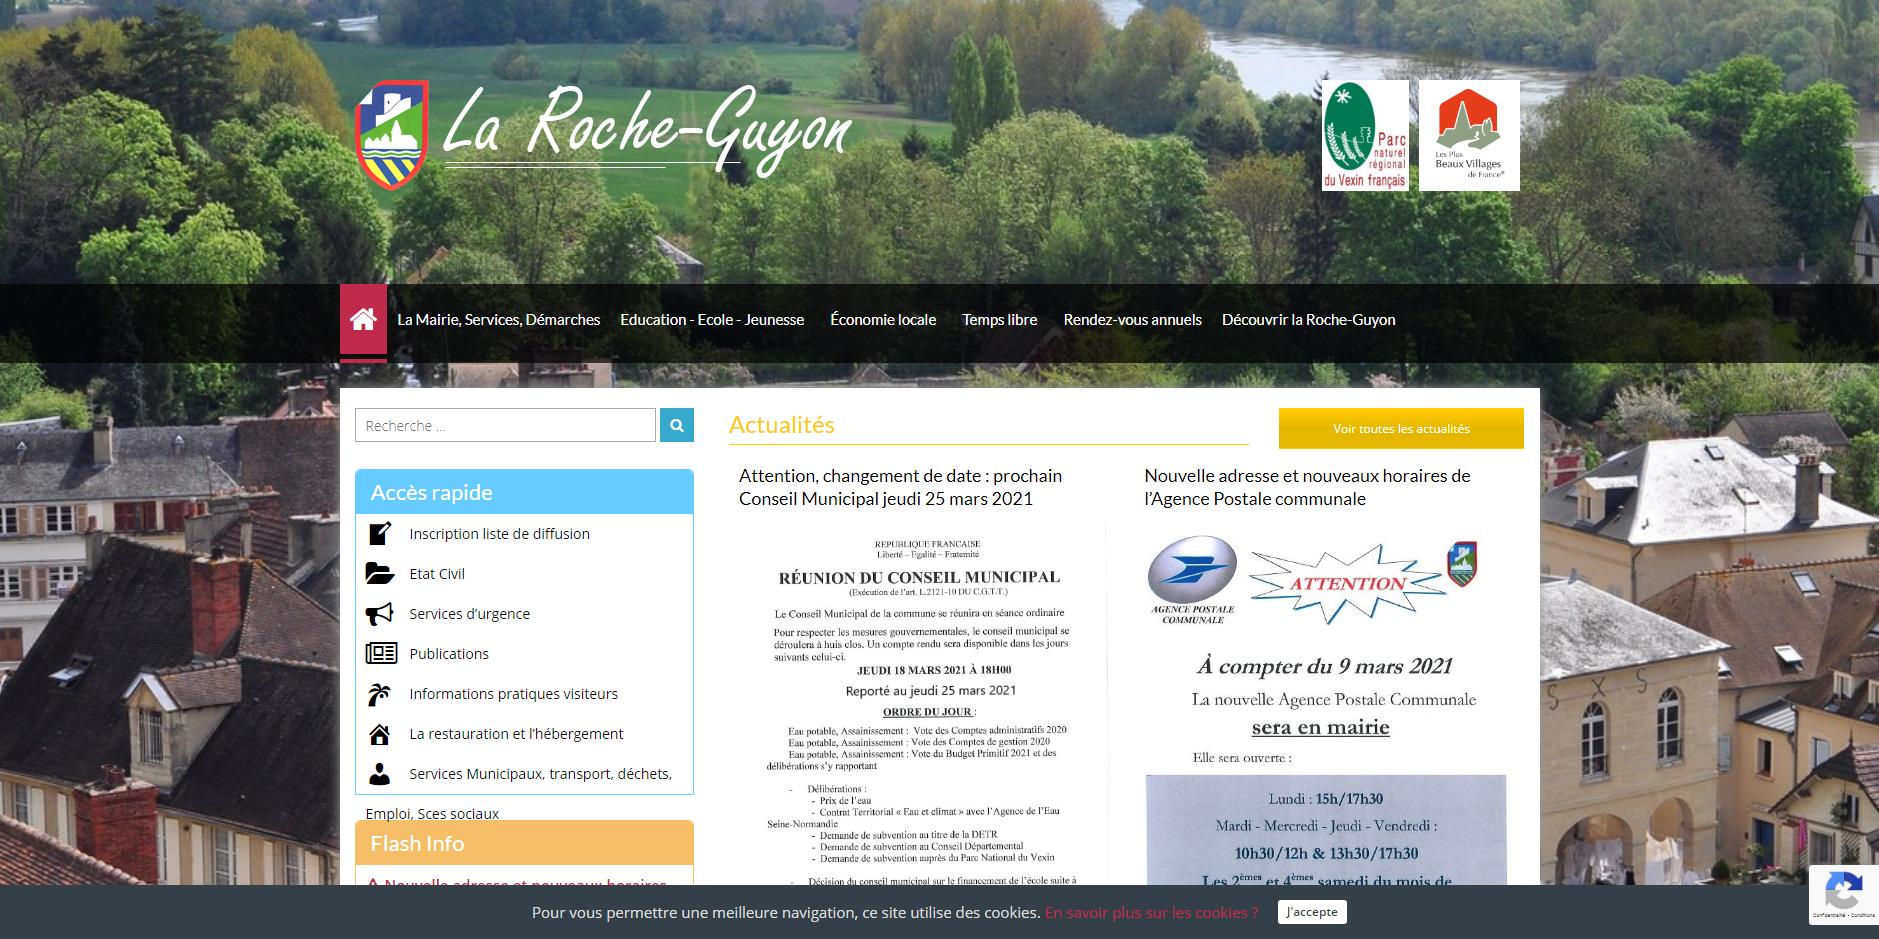 site de La Roche-Guyon